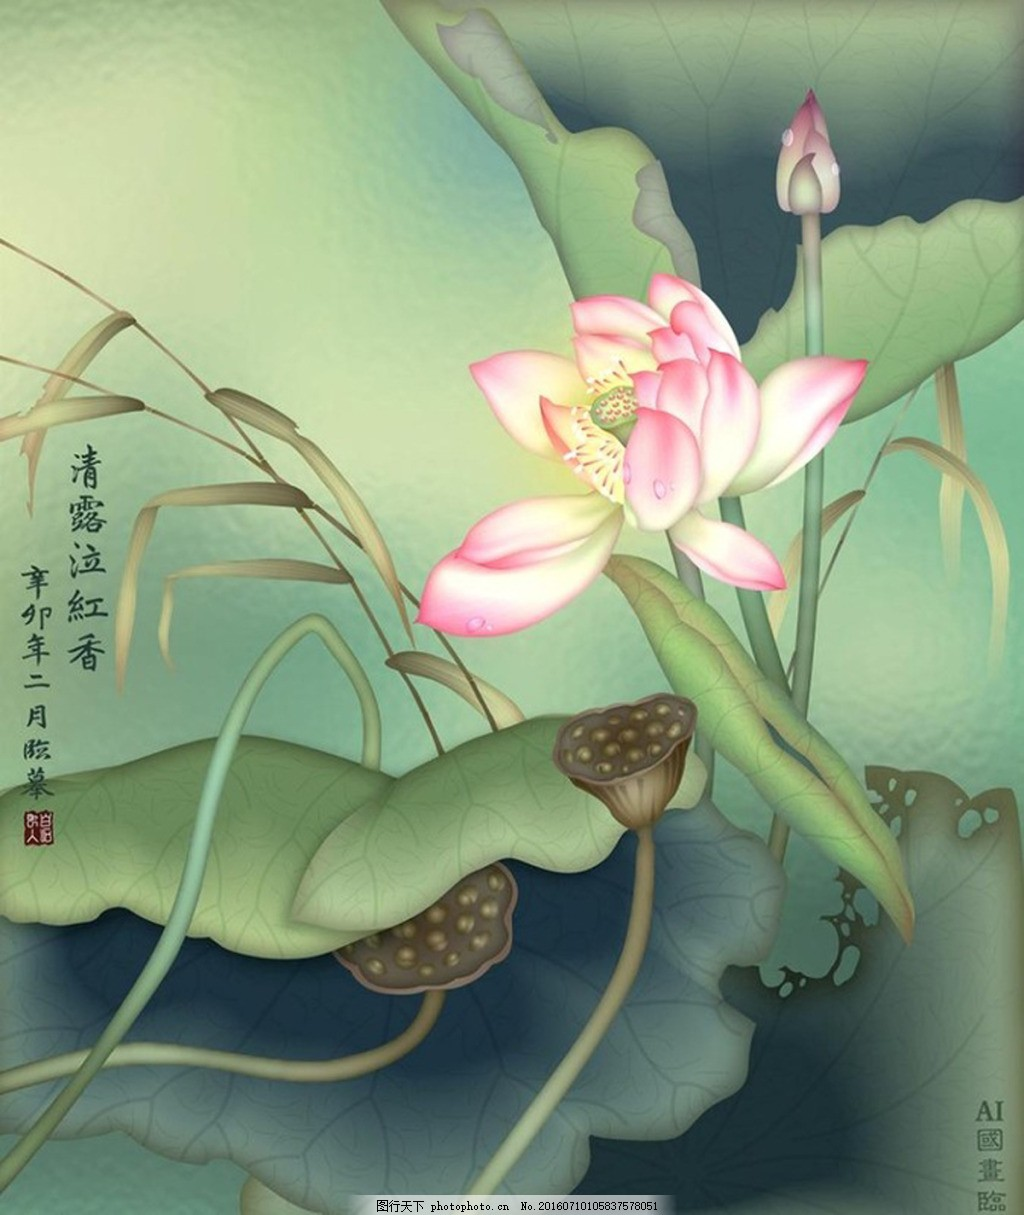 工笔画荷花 水彩 中国风 莲蓬 绿色